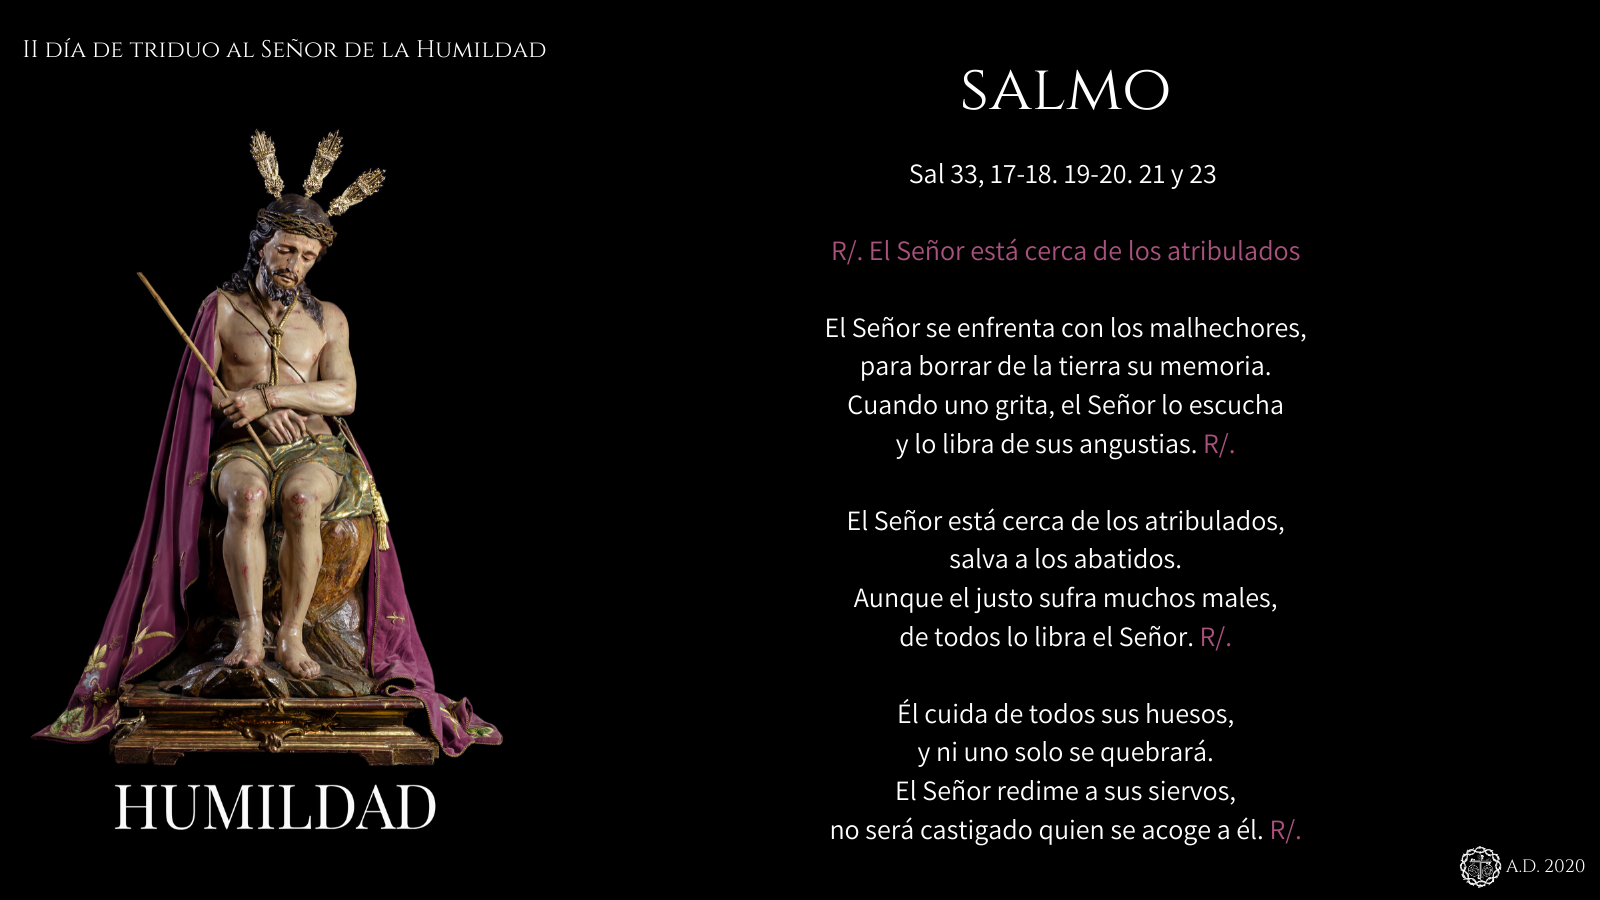 Triduo Humildad II (3)